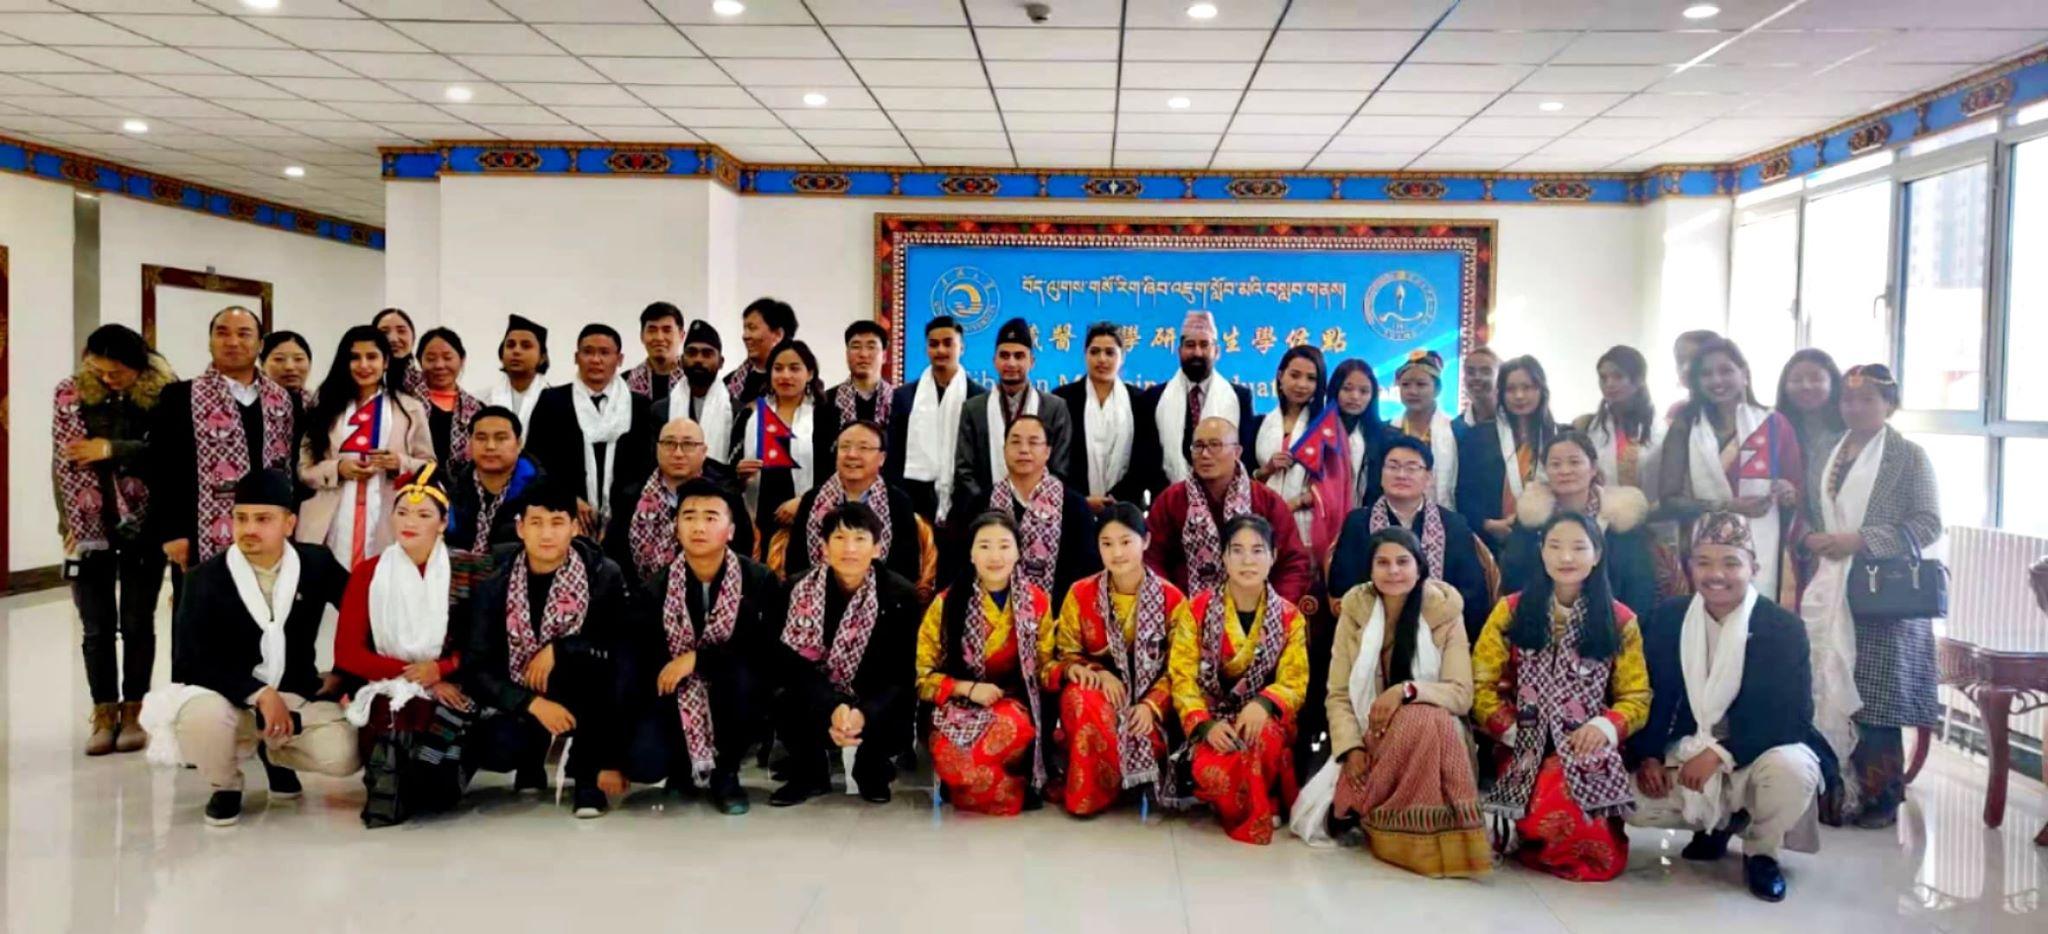 'गिरिजाप्रसाद कोइराला फाउन्डेशन'ले २१ विद्यार्थीलाई पठायो चिन अध्ययन भ्रमणमा